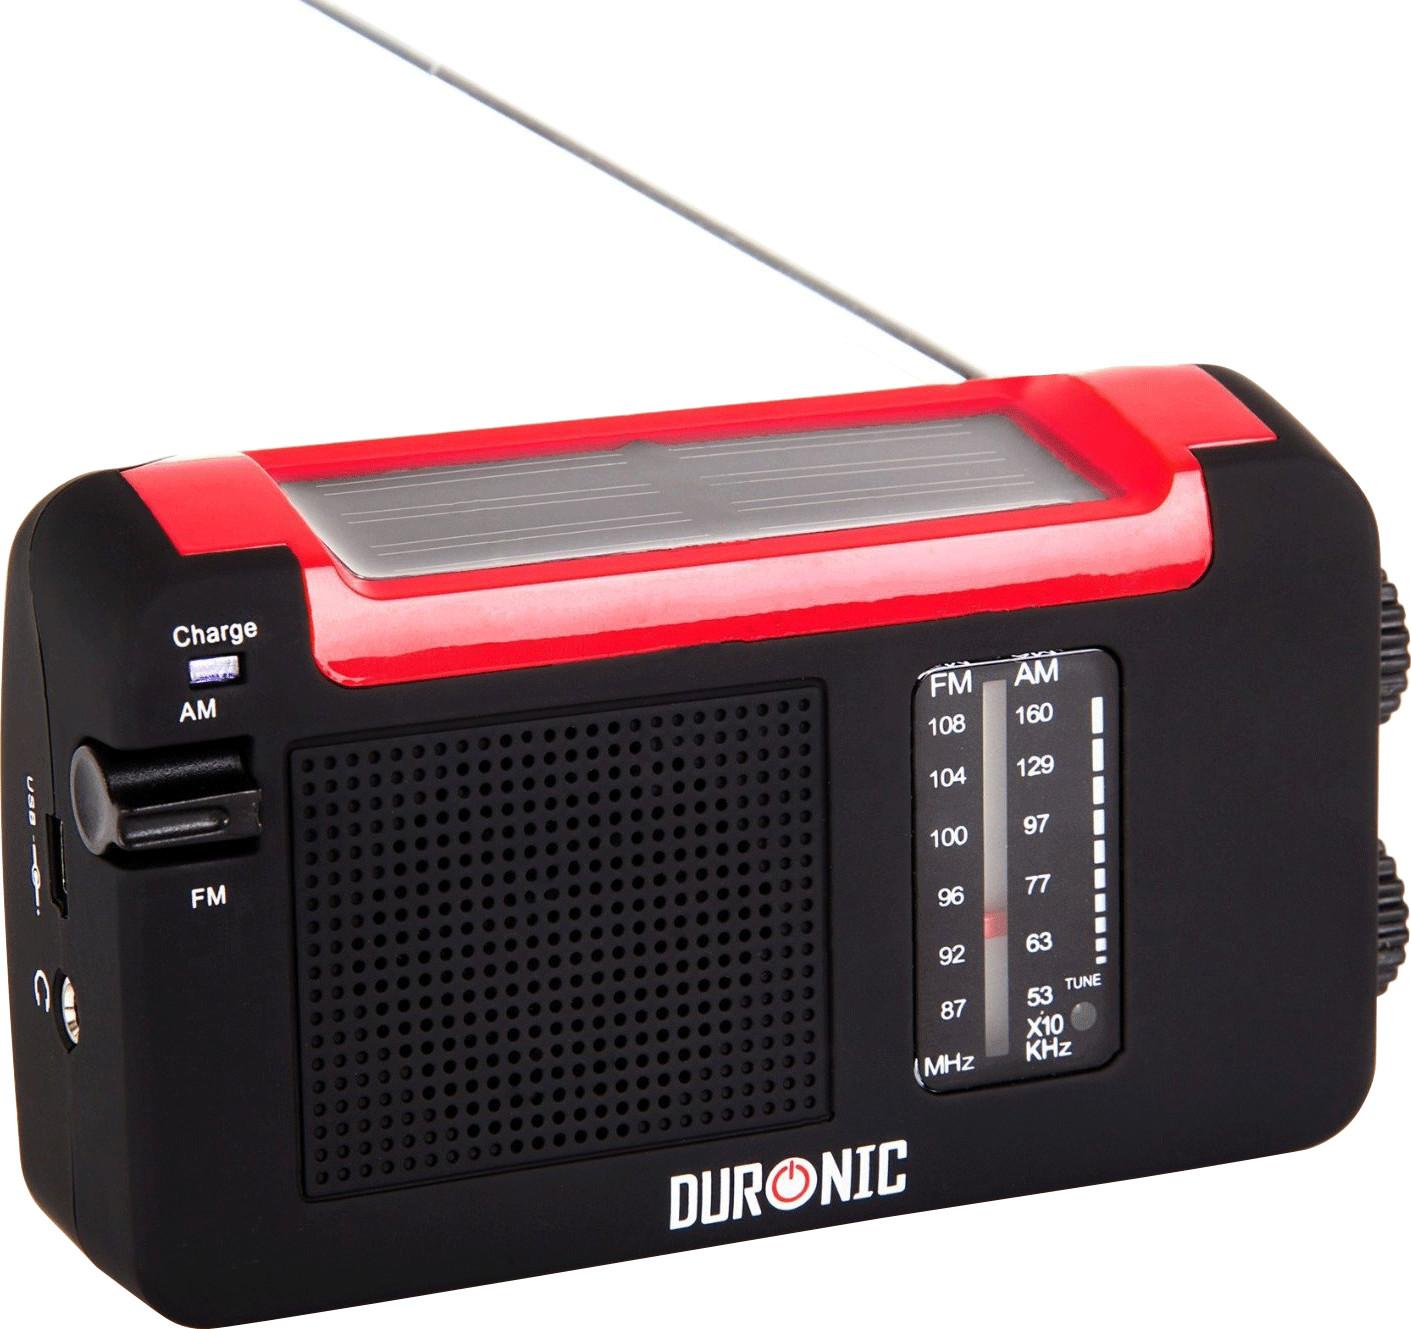 Image of Duronic Hybrid Radio